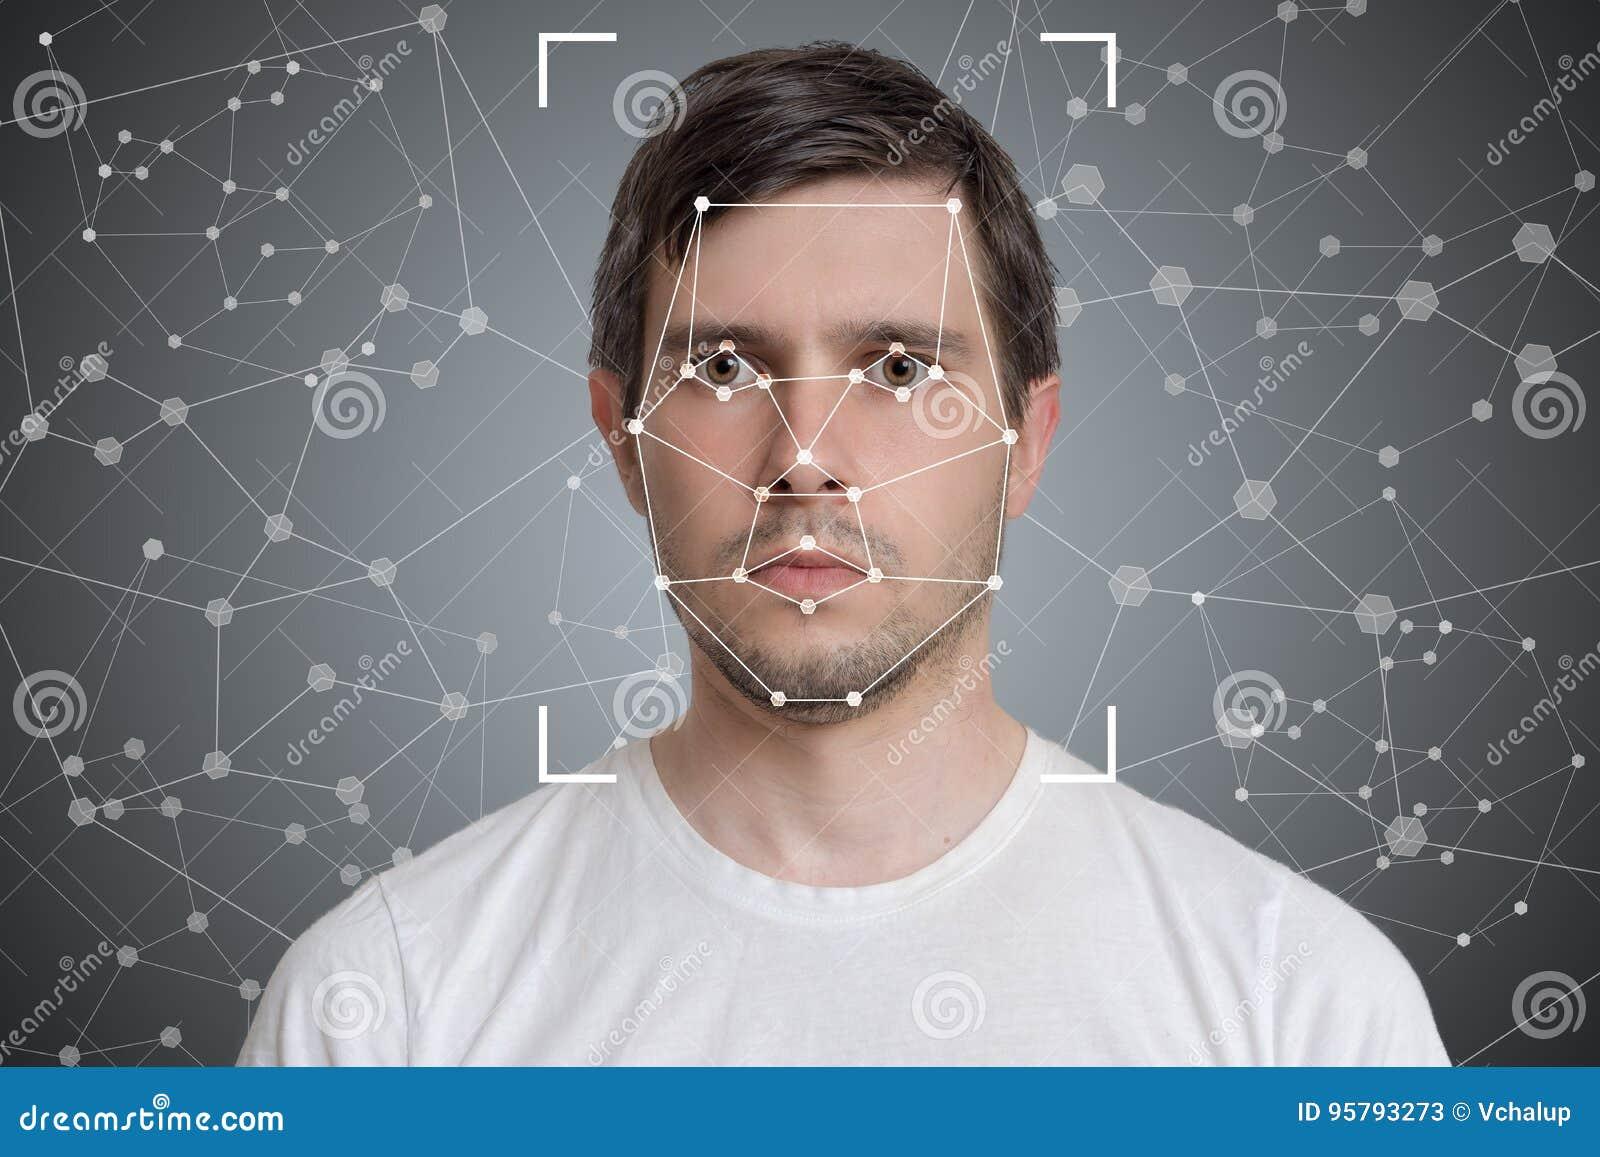 Ανίχνευση προσώπου και αναγνώριση του ατόμου Όραση υπολογιστών και έννοια τεχνητής νοημοσύνης